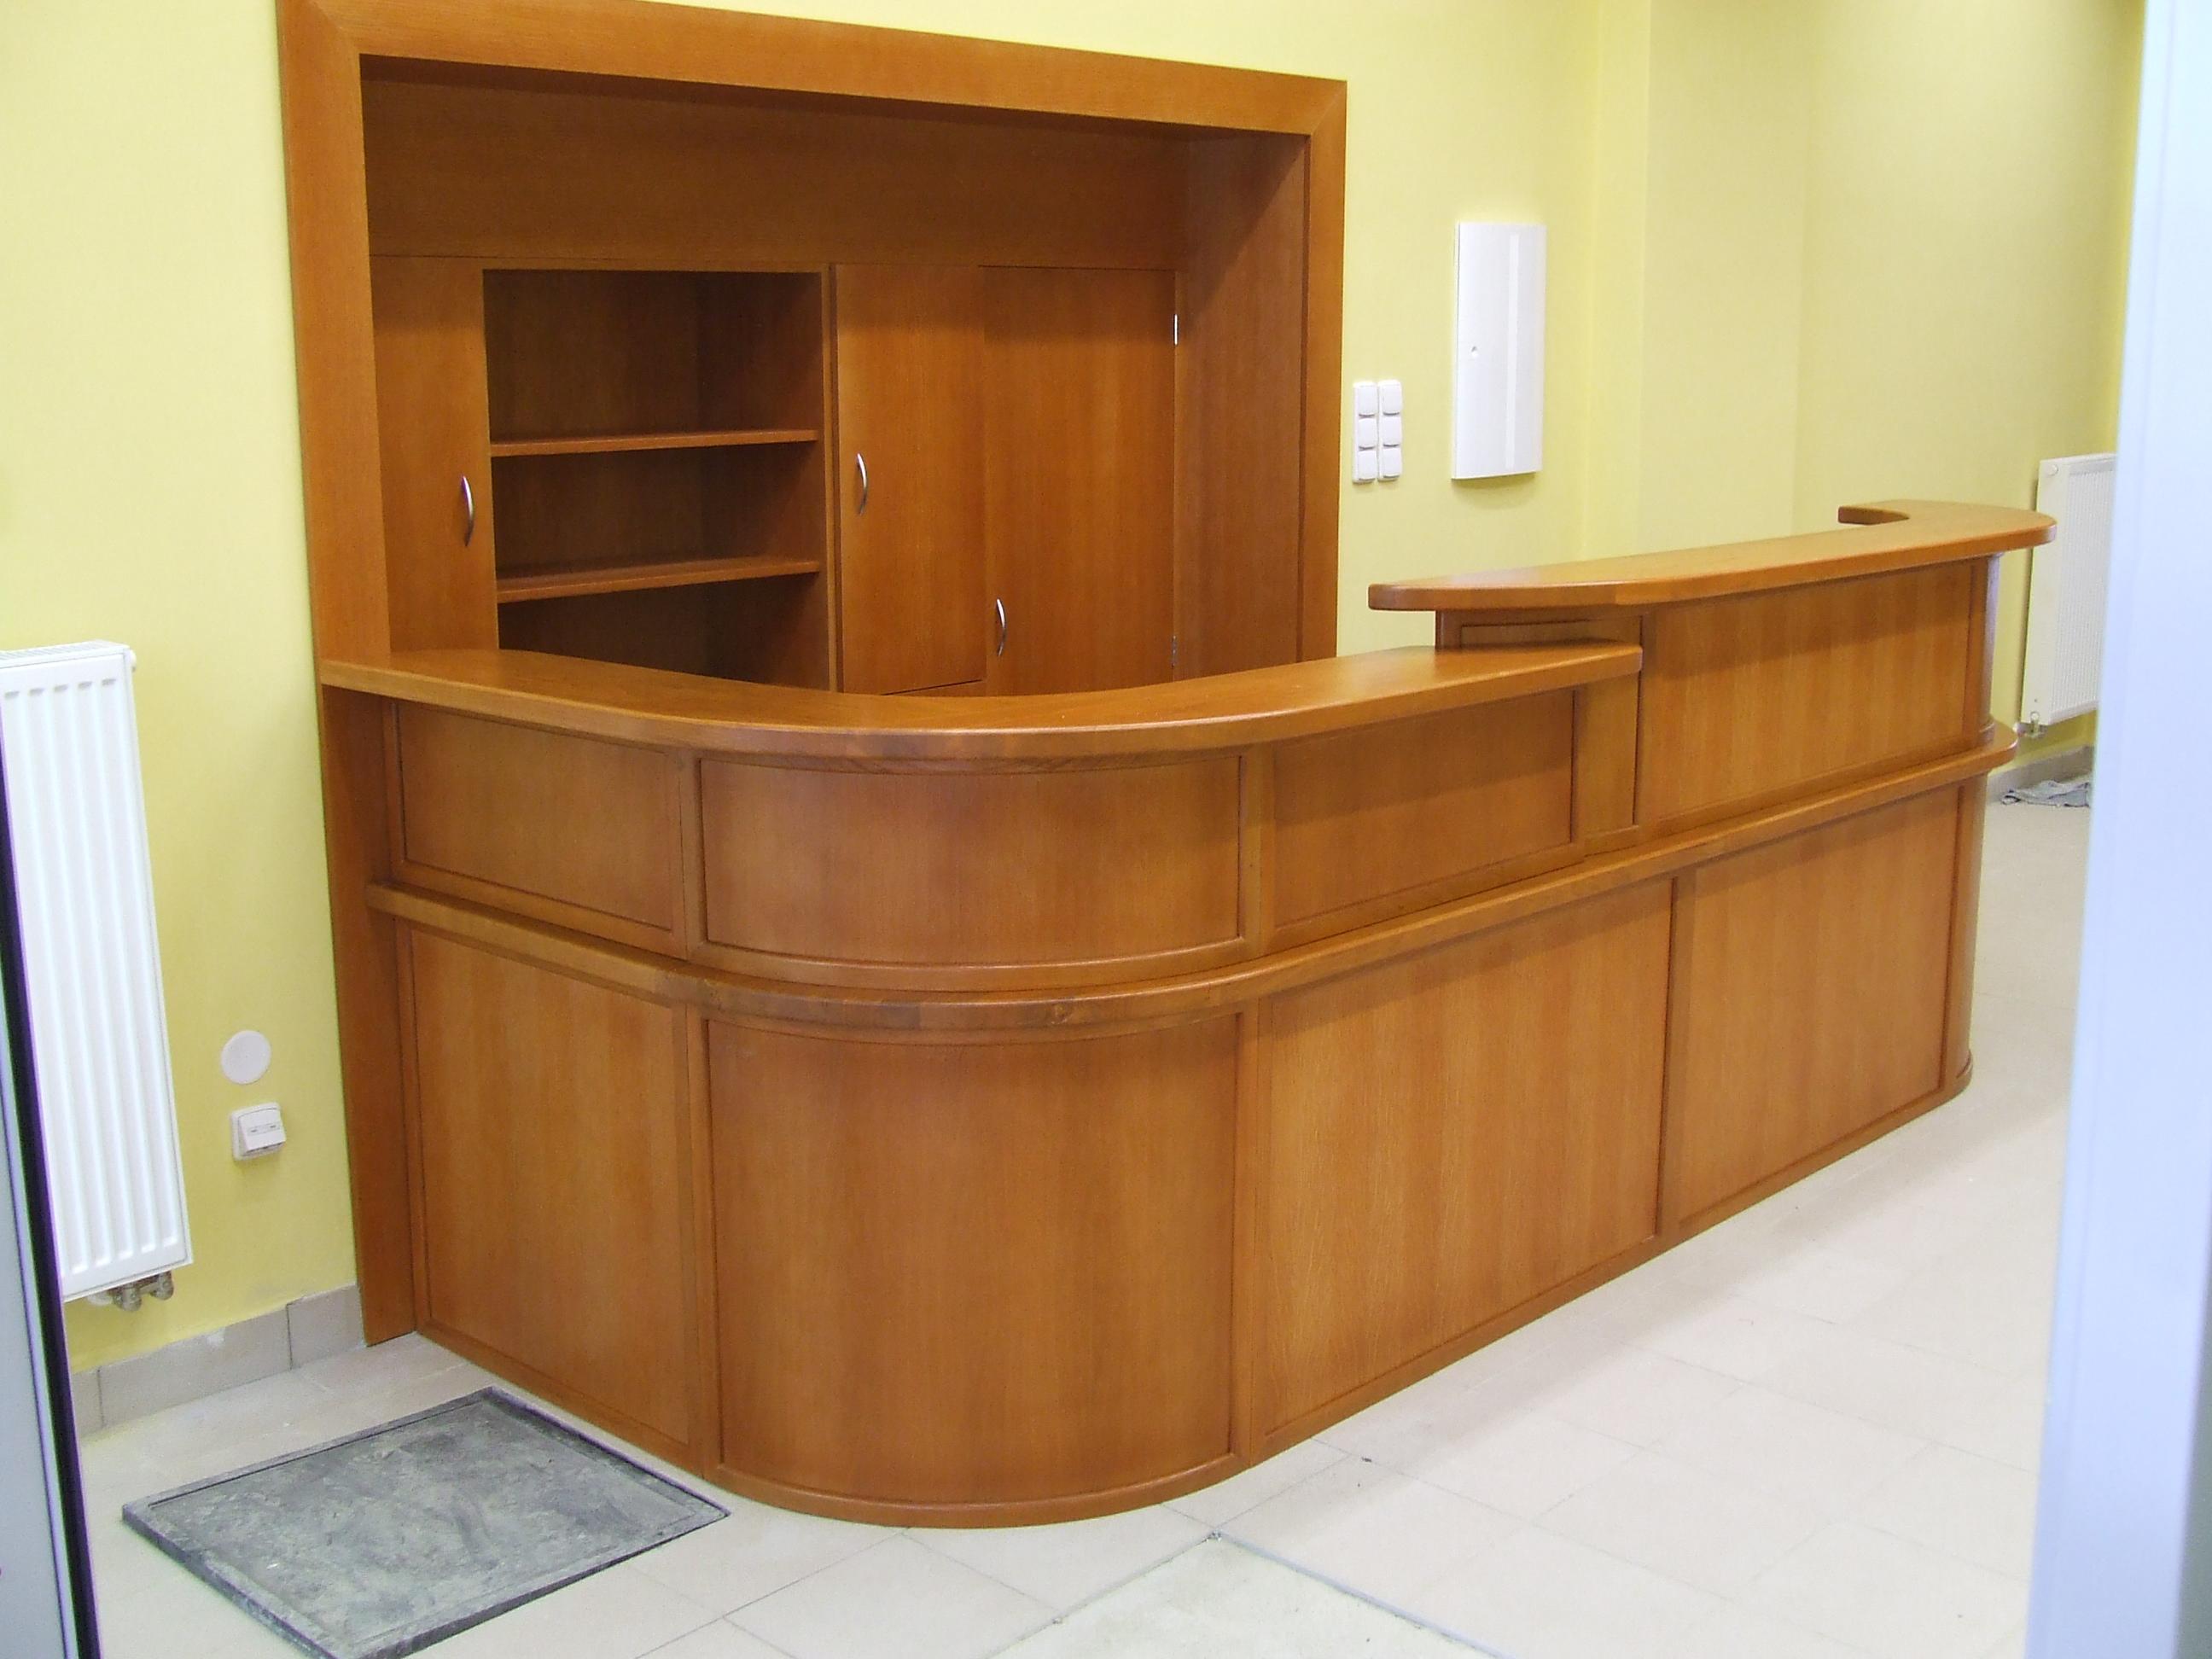 http://www.cesko-katalog.cz/galerie/vlastimil-strubl1443522577.